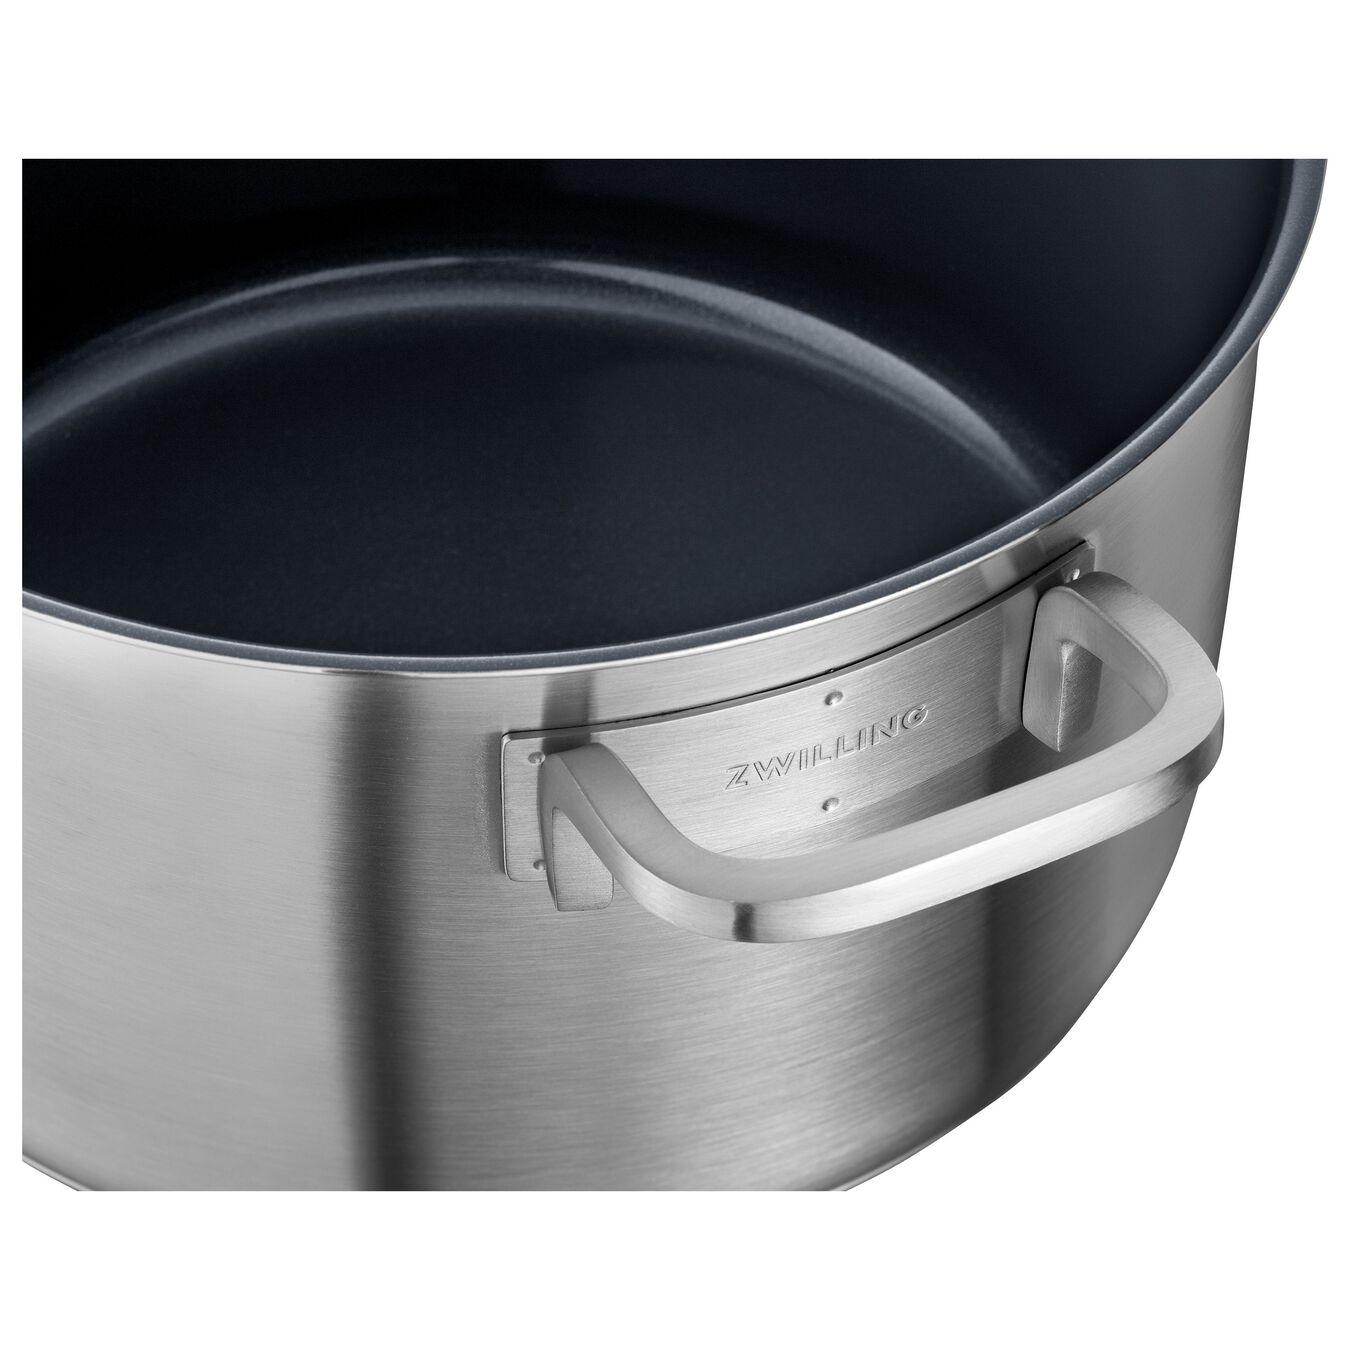 Ensemble de casseroles 3-pcs, Acier inoxydable,,large 5